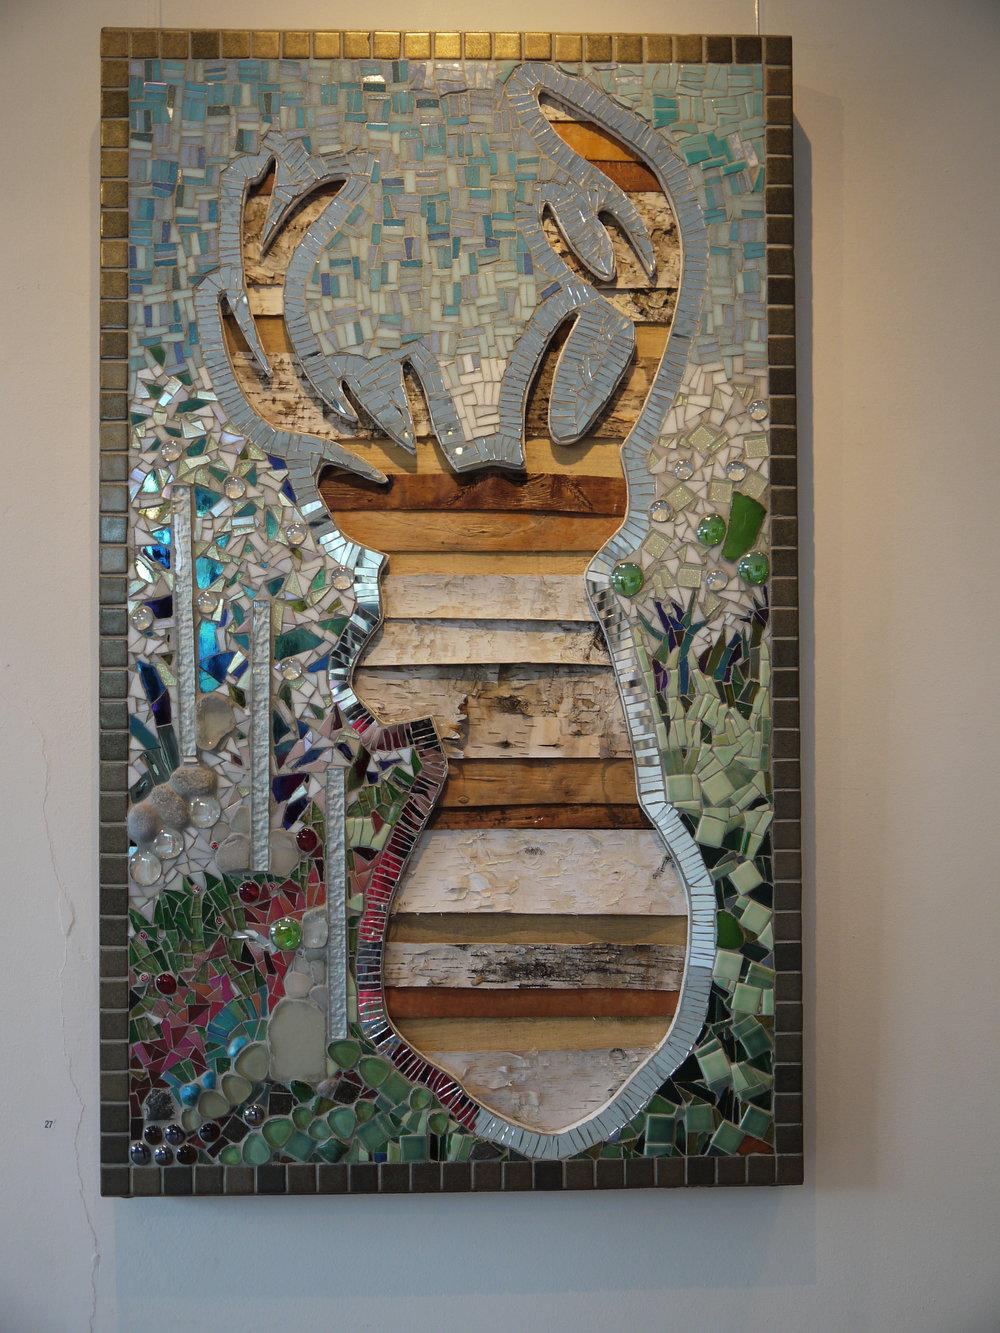 'Deer' mosaic